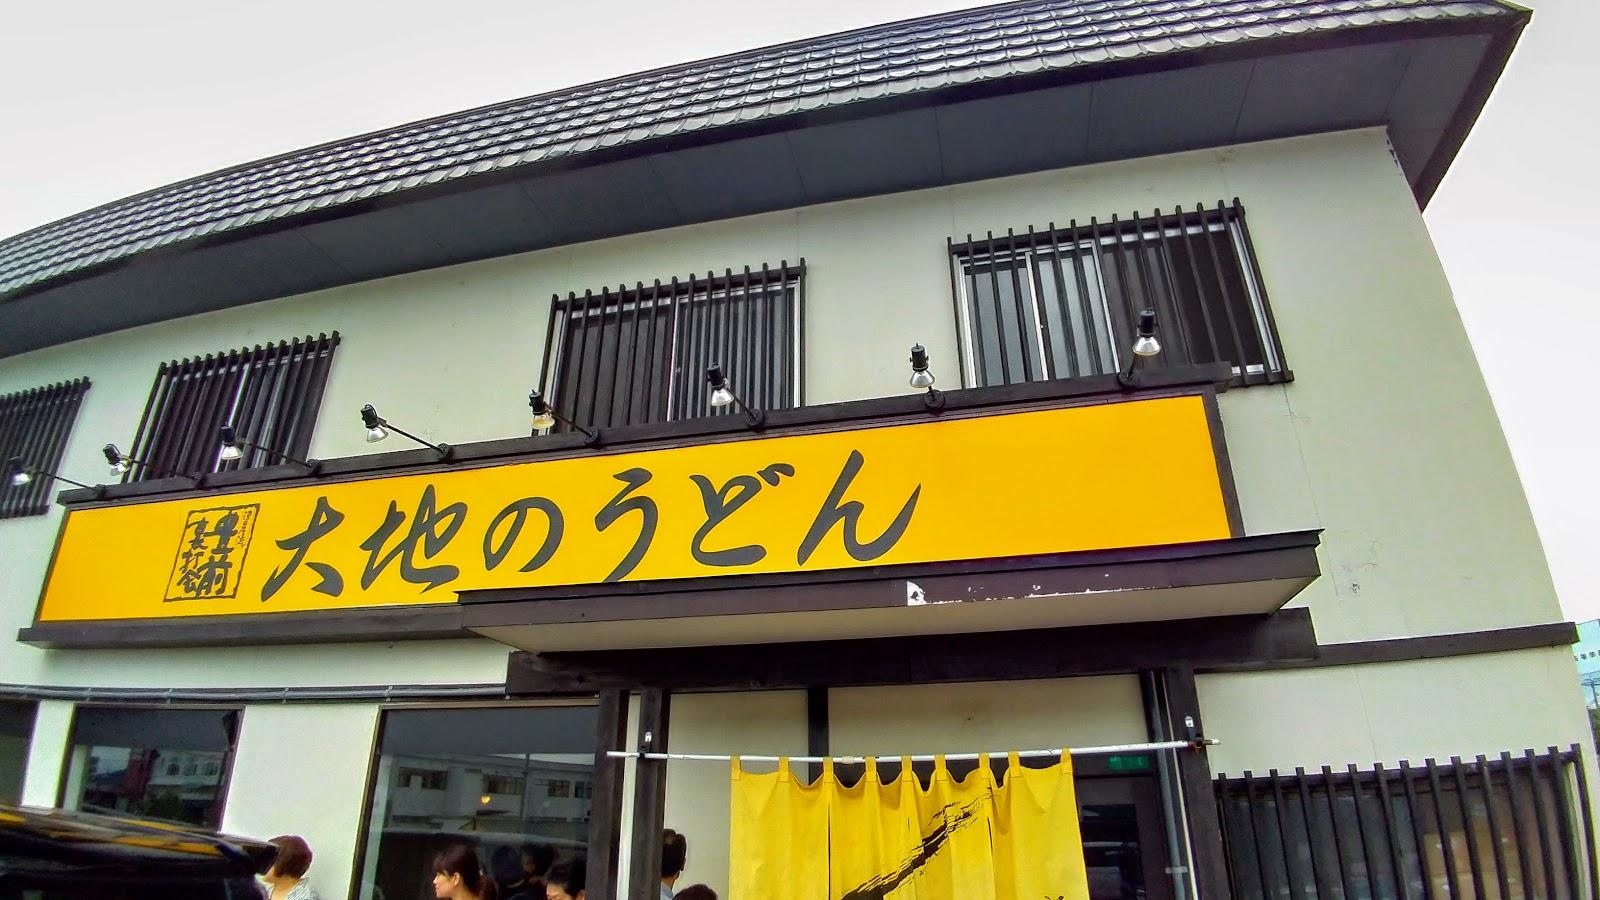 大地のうどん【福岡グルメ】外観写真